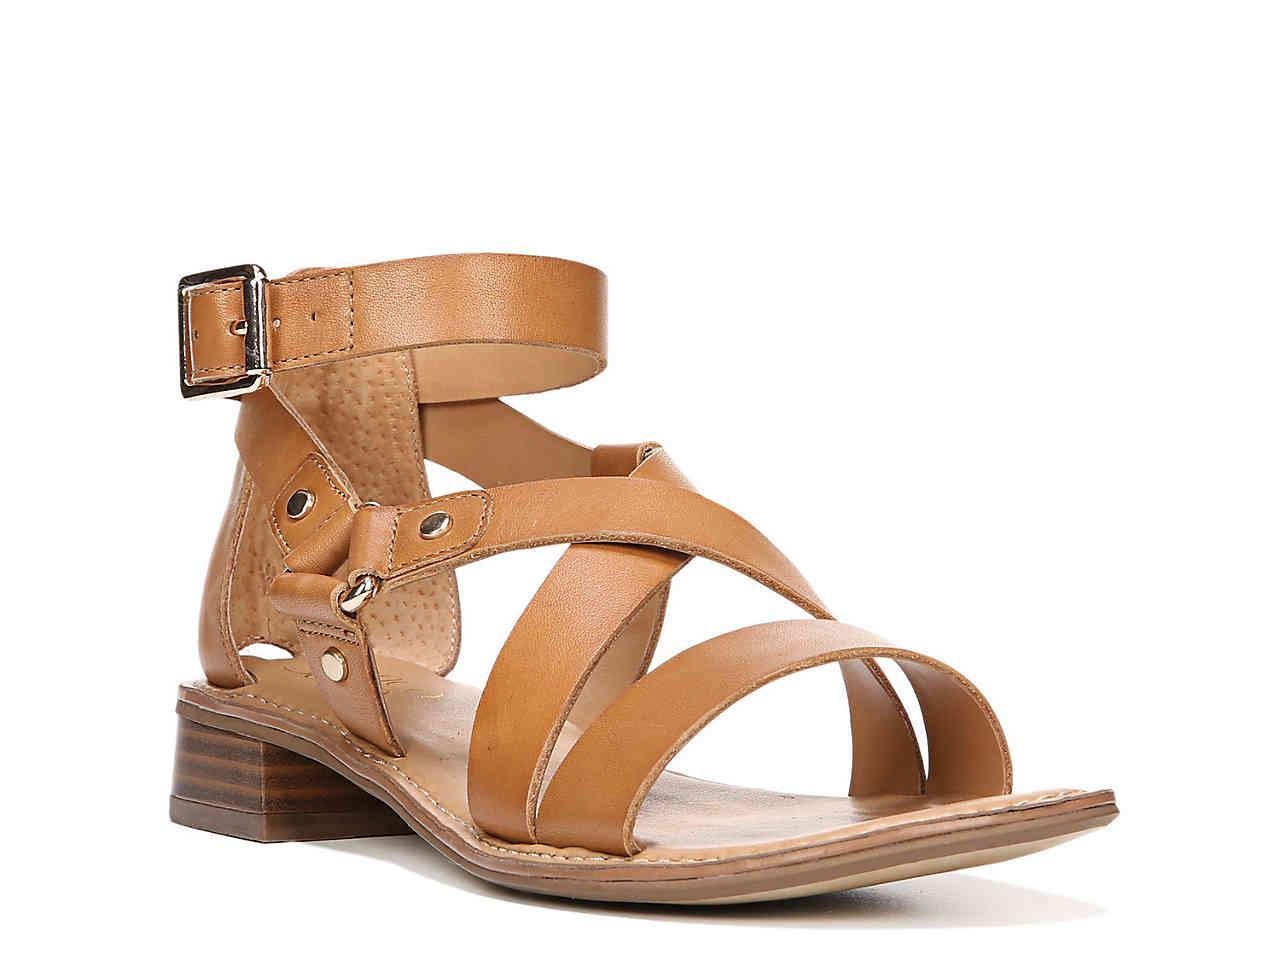 9cbcc37a8f4f Lyst - Franco Sarto April Gladiator Sandal in Brown